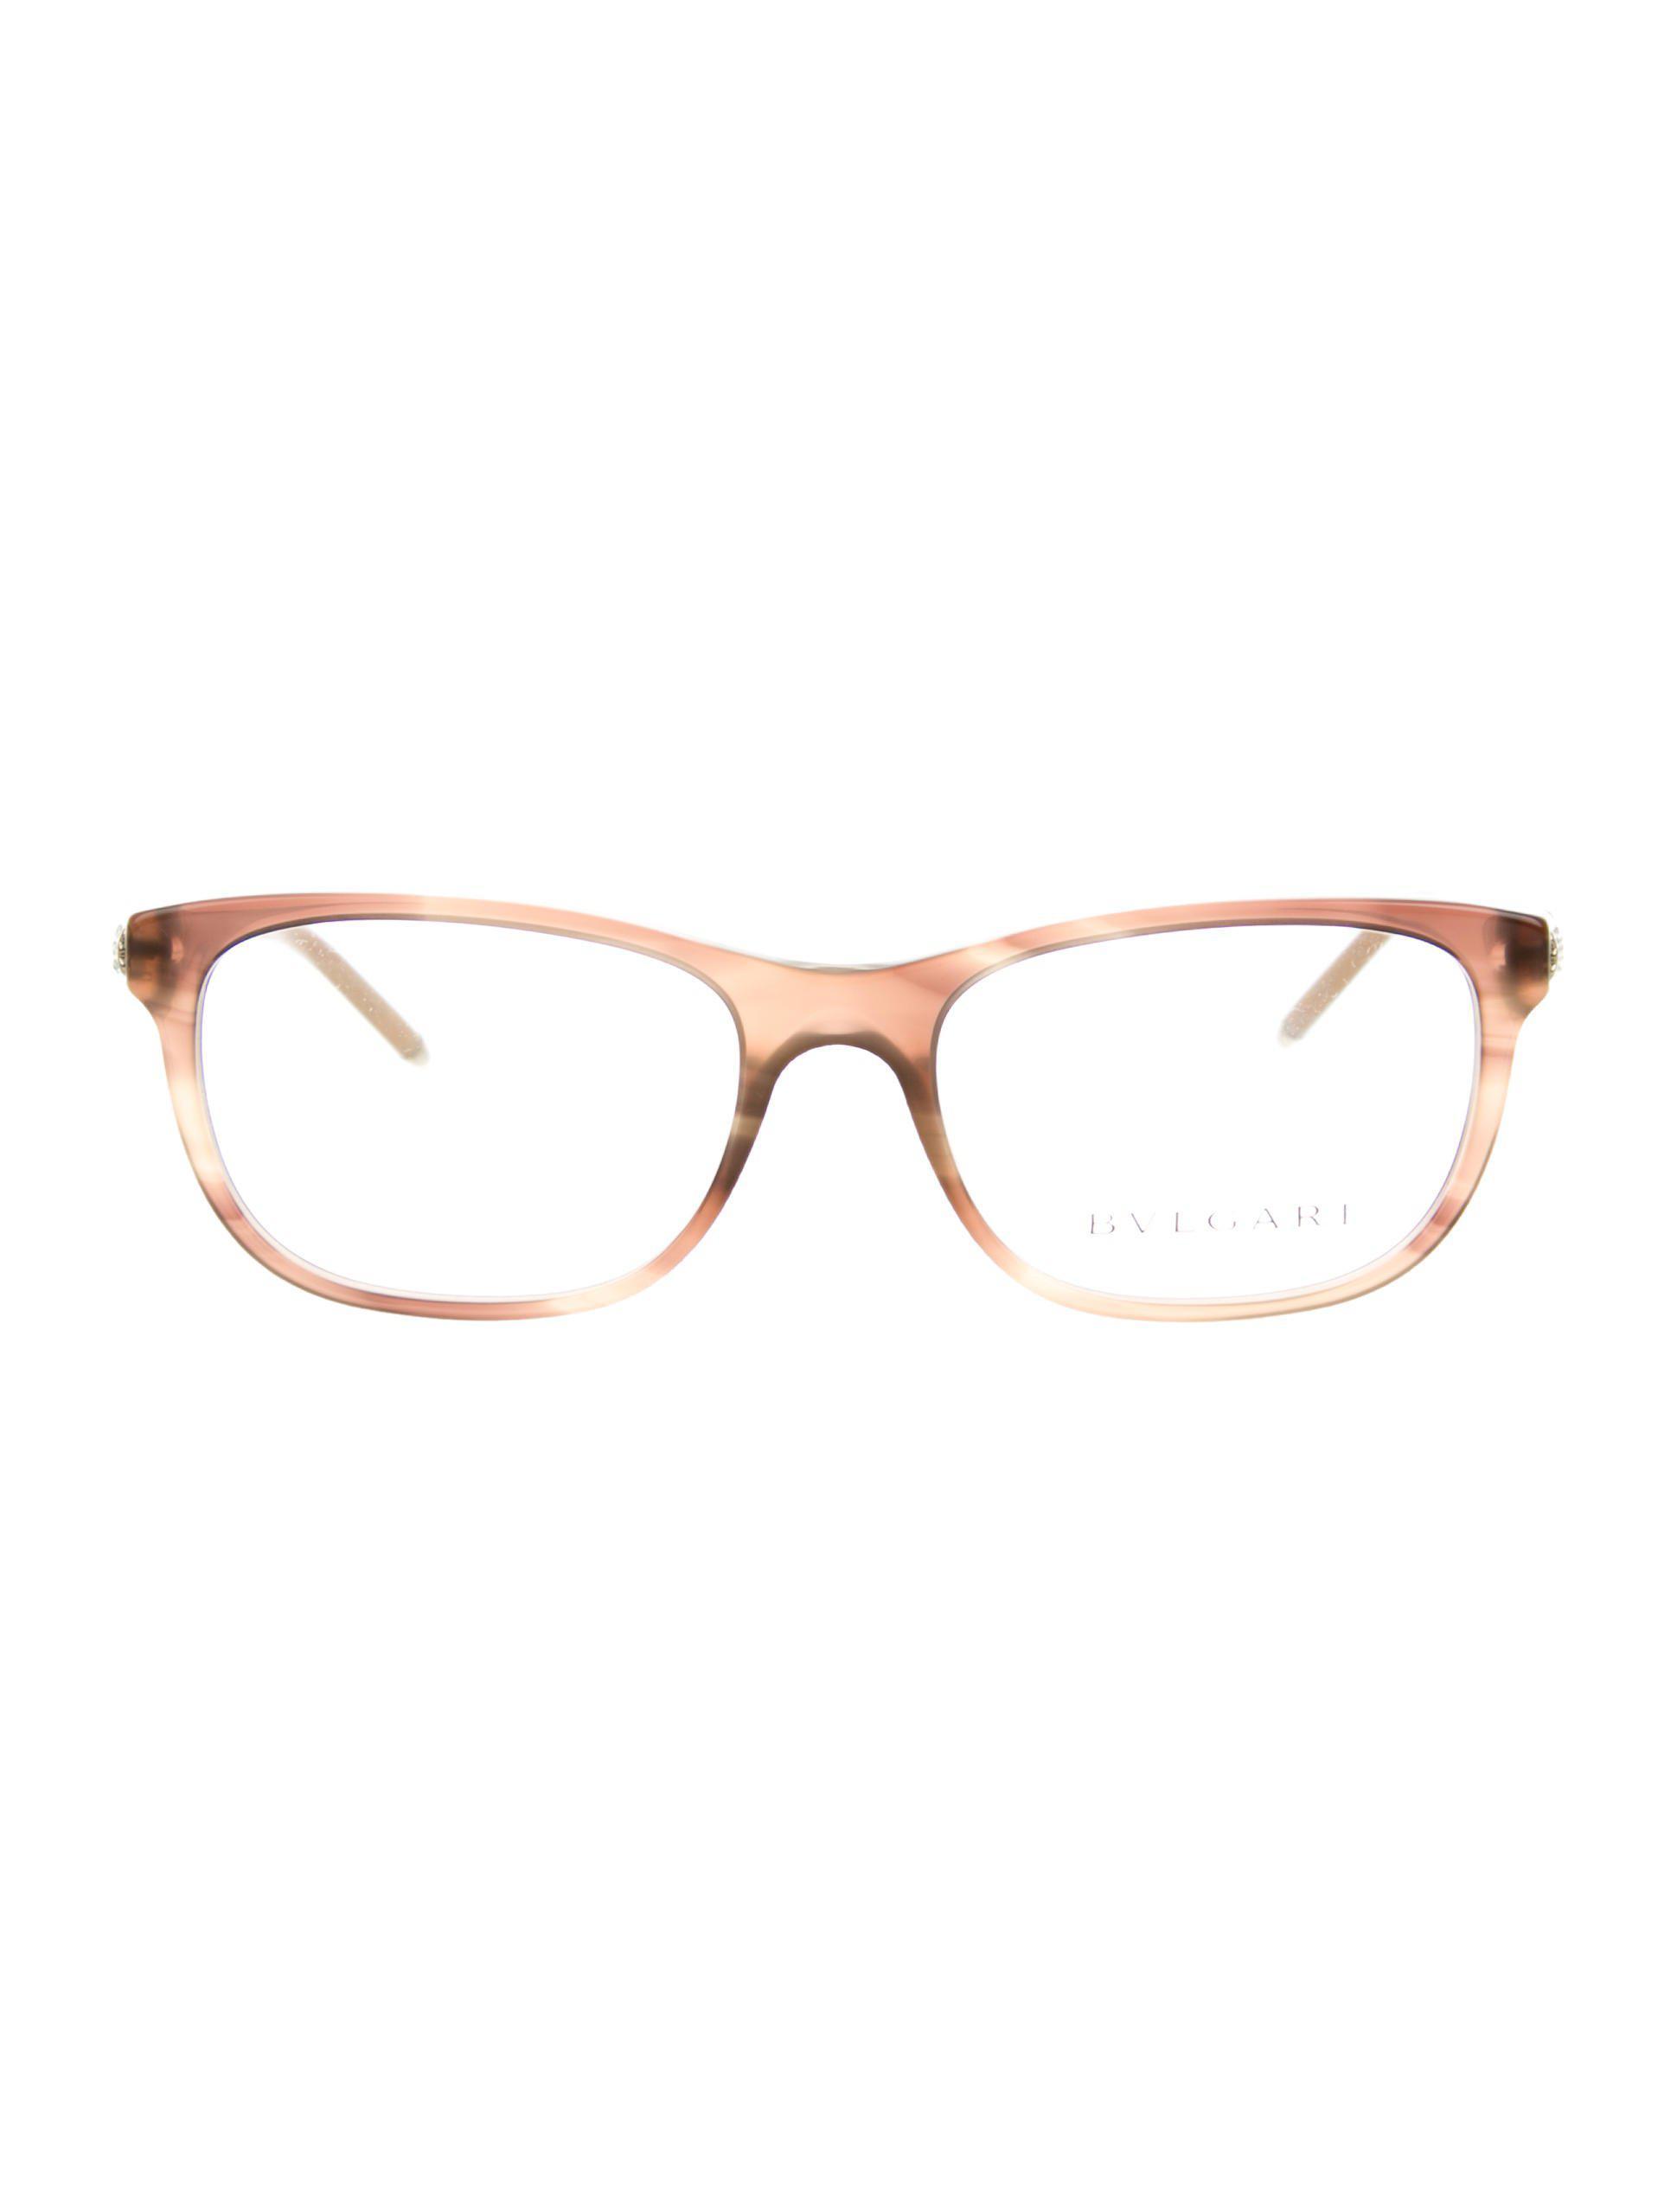 52c33ede81cf Lyst - Bvlgari Jewel-embellished Marble Eyeglasses W  Tags in Brown